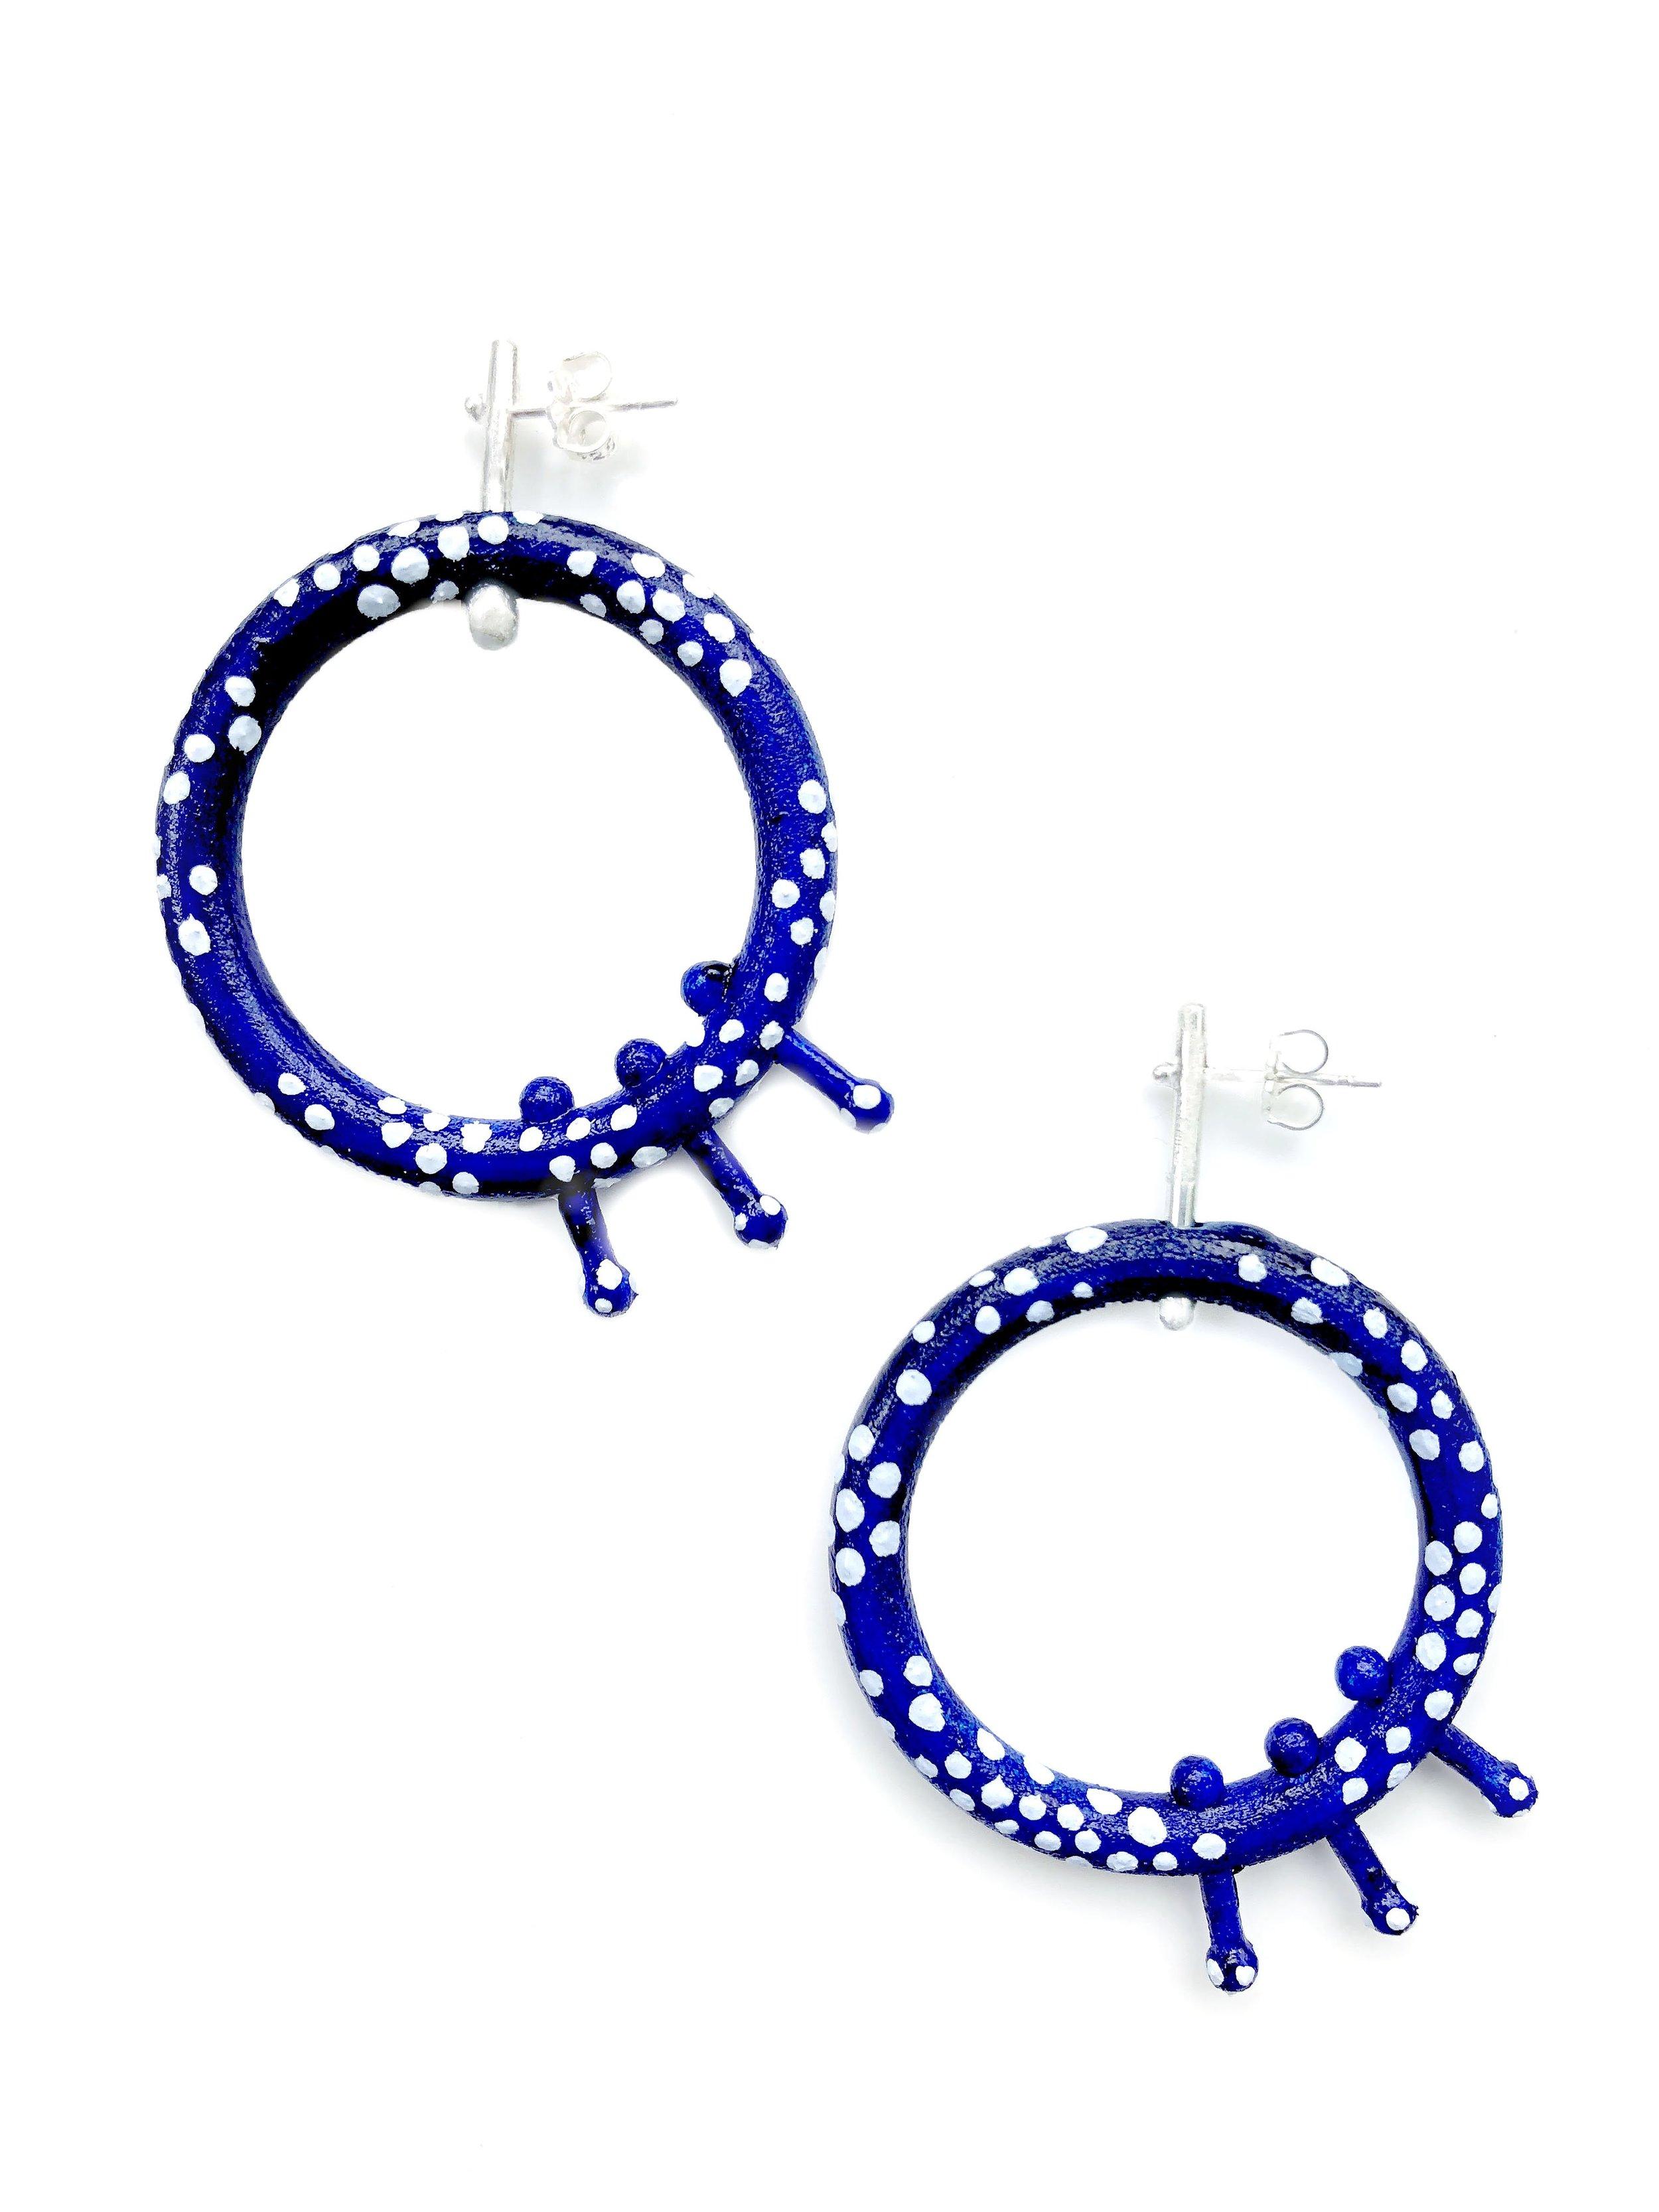 Tri_drop_hoop_blue_speckle.jpg